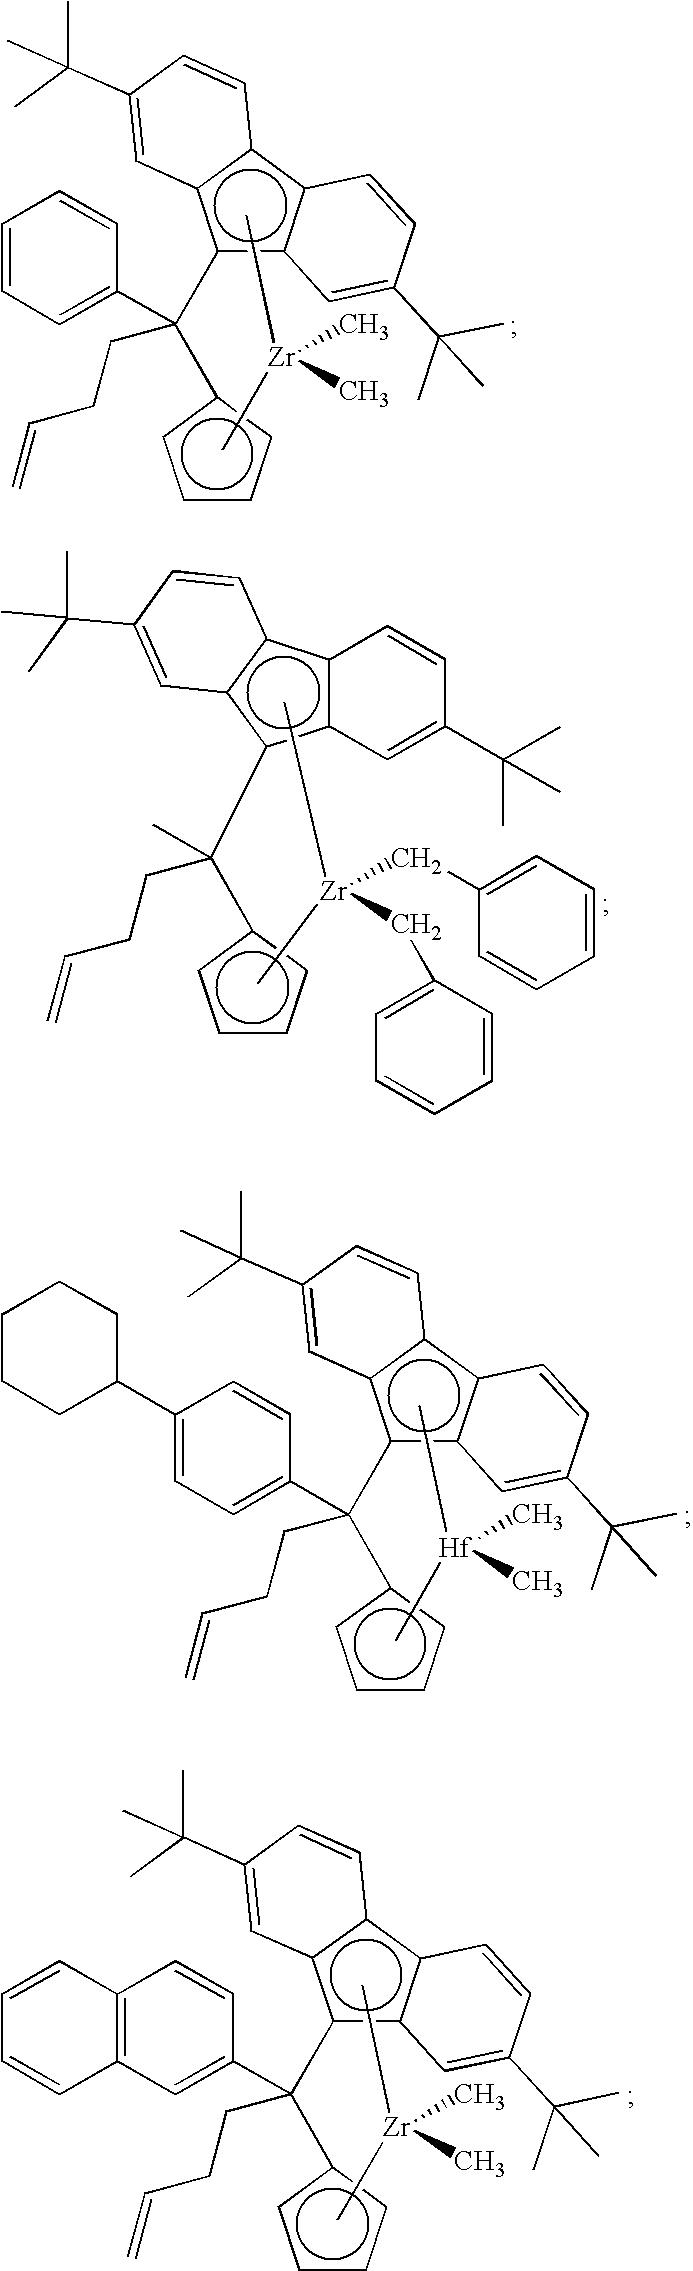 Figure US20100227989A1-20100909-C00007